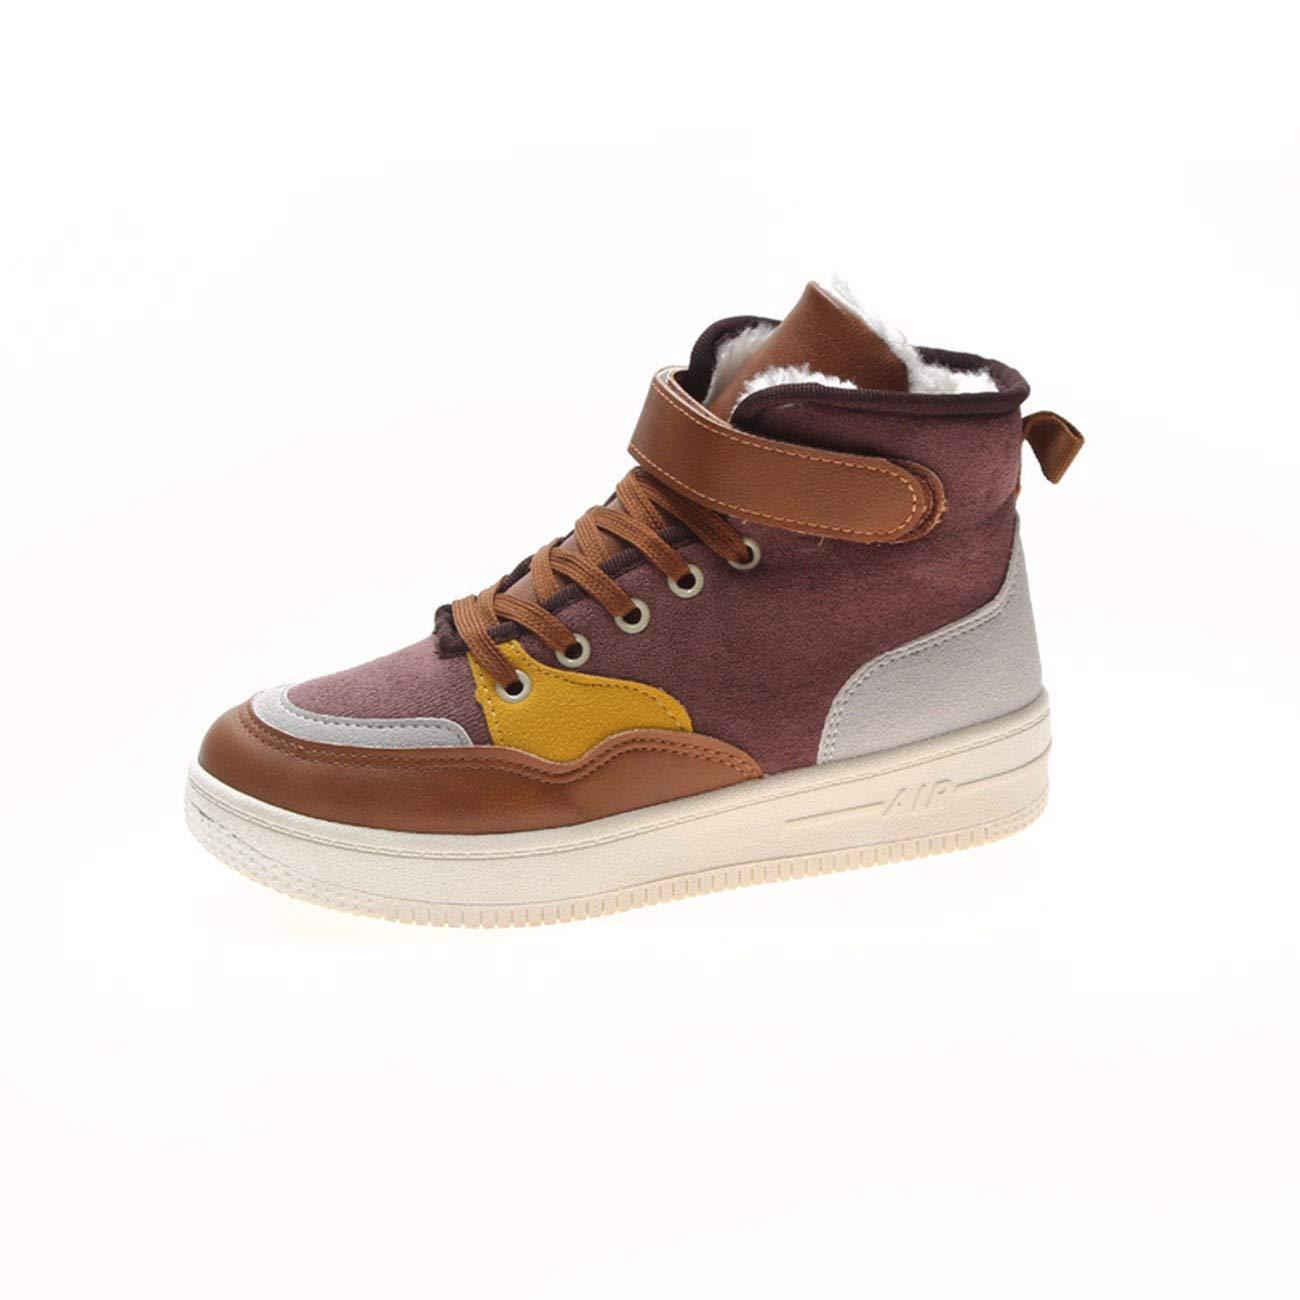 QPGGP-Stiefel Freizeit - Schuhe Herbst Und Winter Hohe Schuhe Frauen Schuhe Europa Und Amerika.